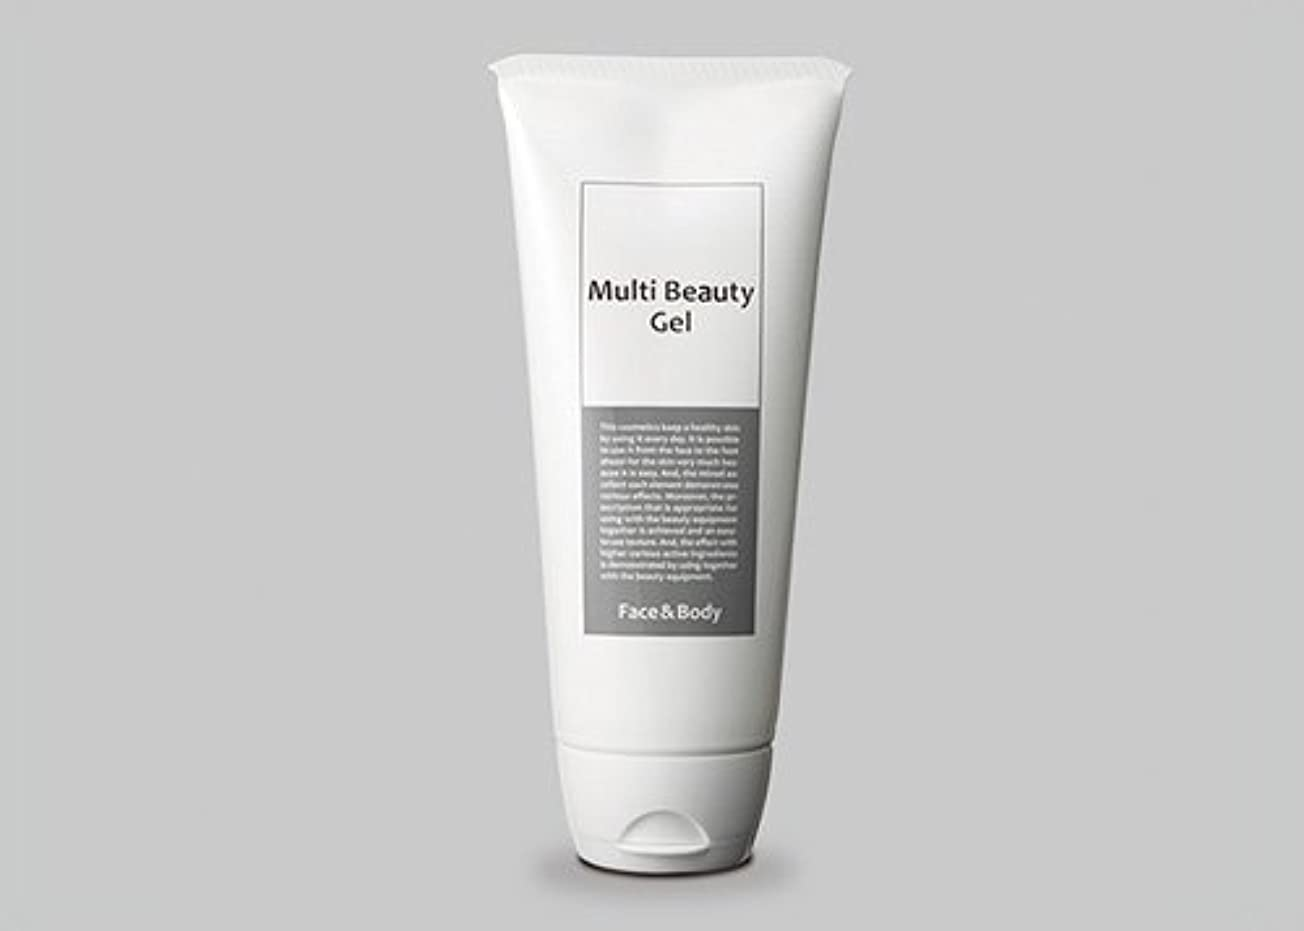 落花生潤滑する差別するマルチビューティゲル 200g / Multi Beauty Gel